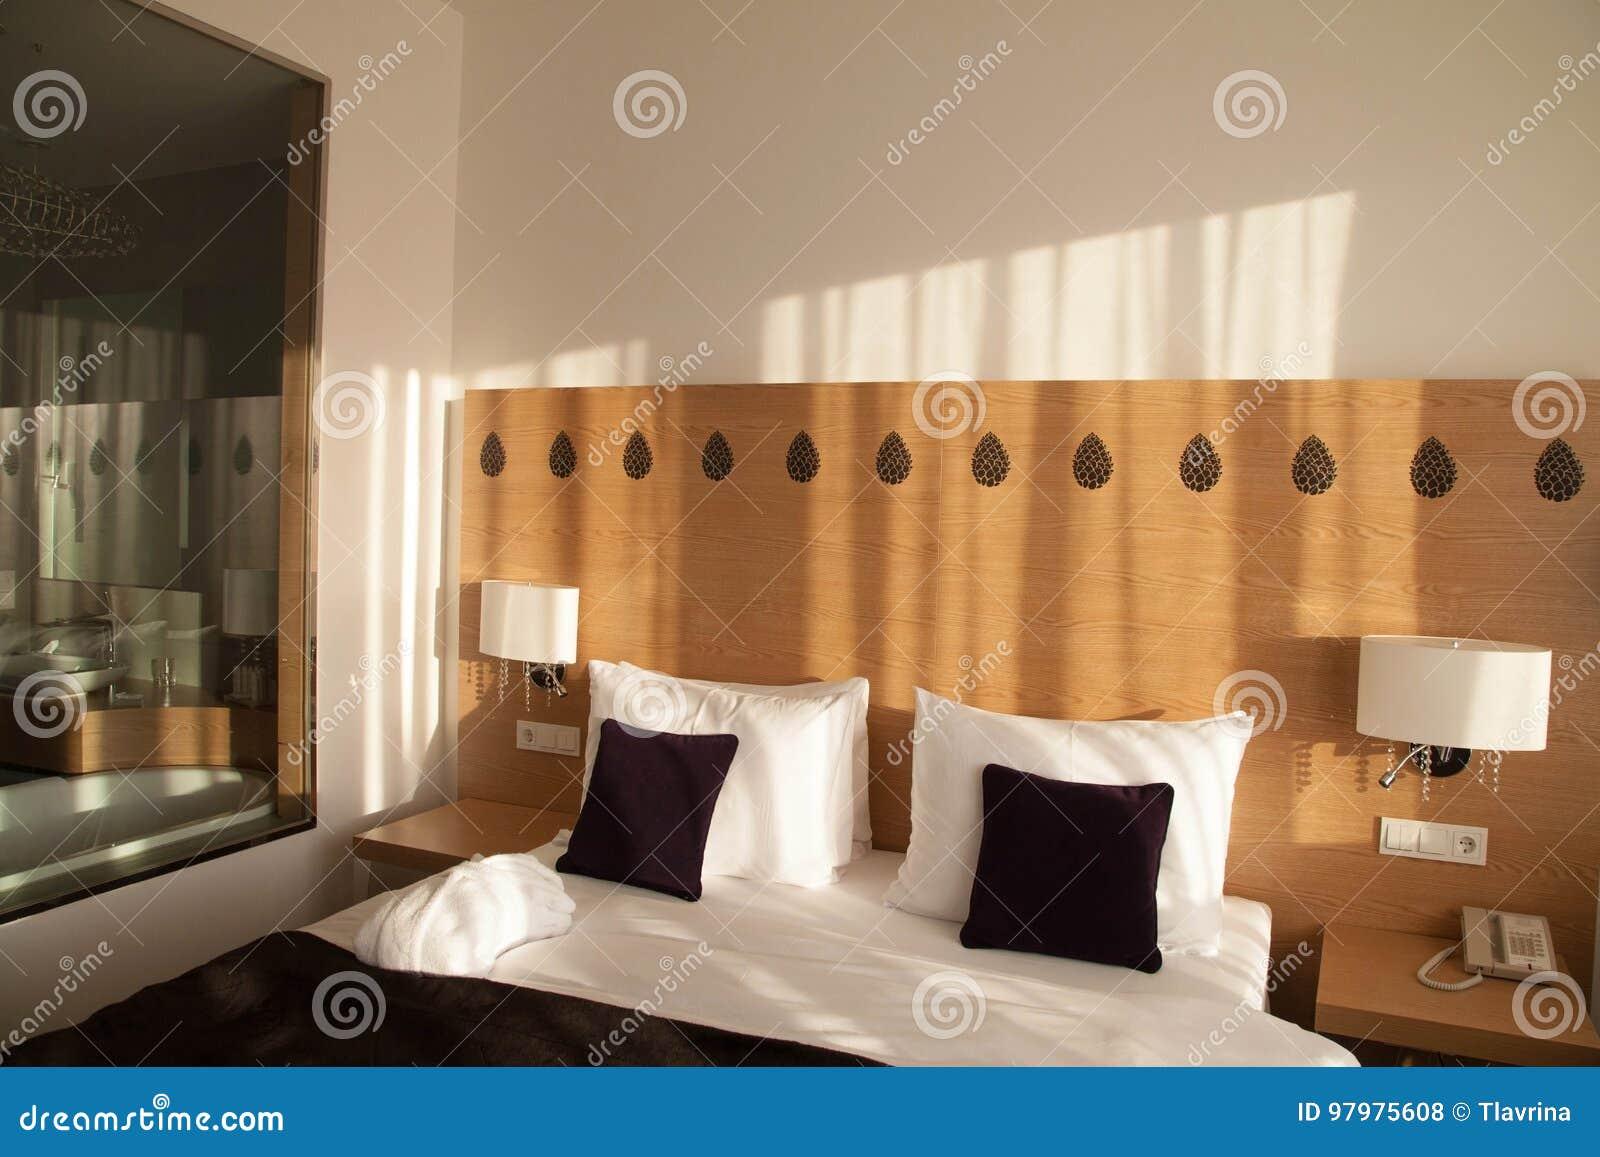 Chambre D\'hôtel Contemporaine Avec La Vue Et Mur De Verre à La Salle ...